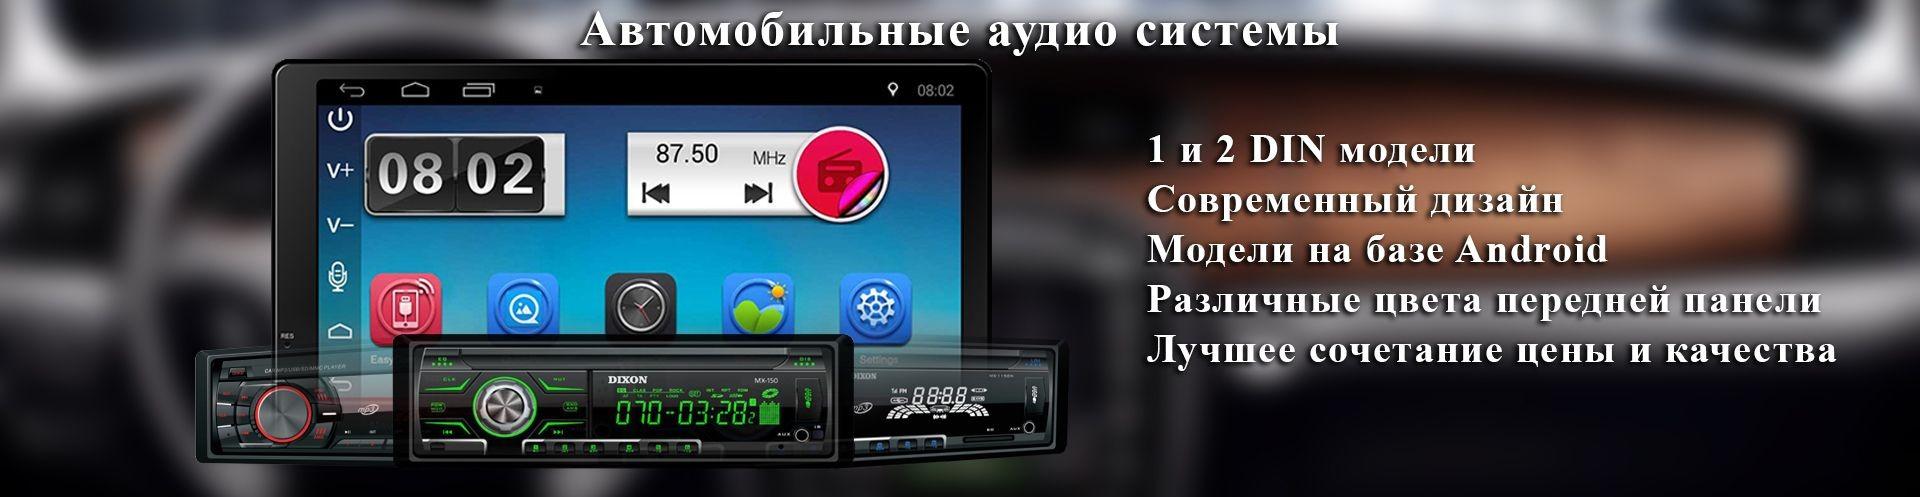 Автомобильные аудио системы